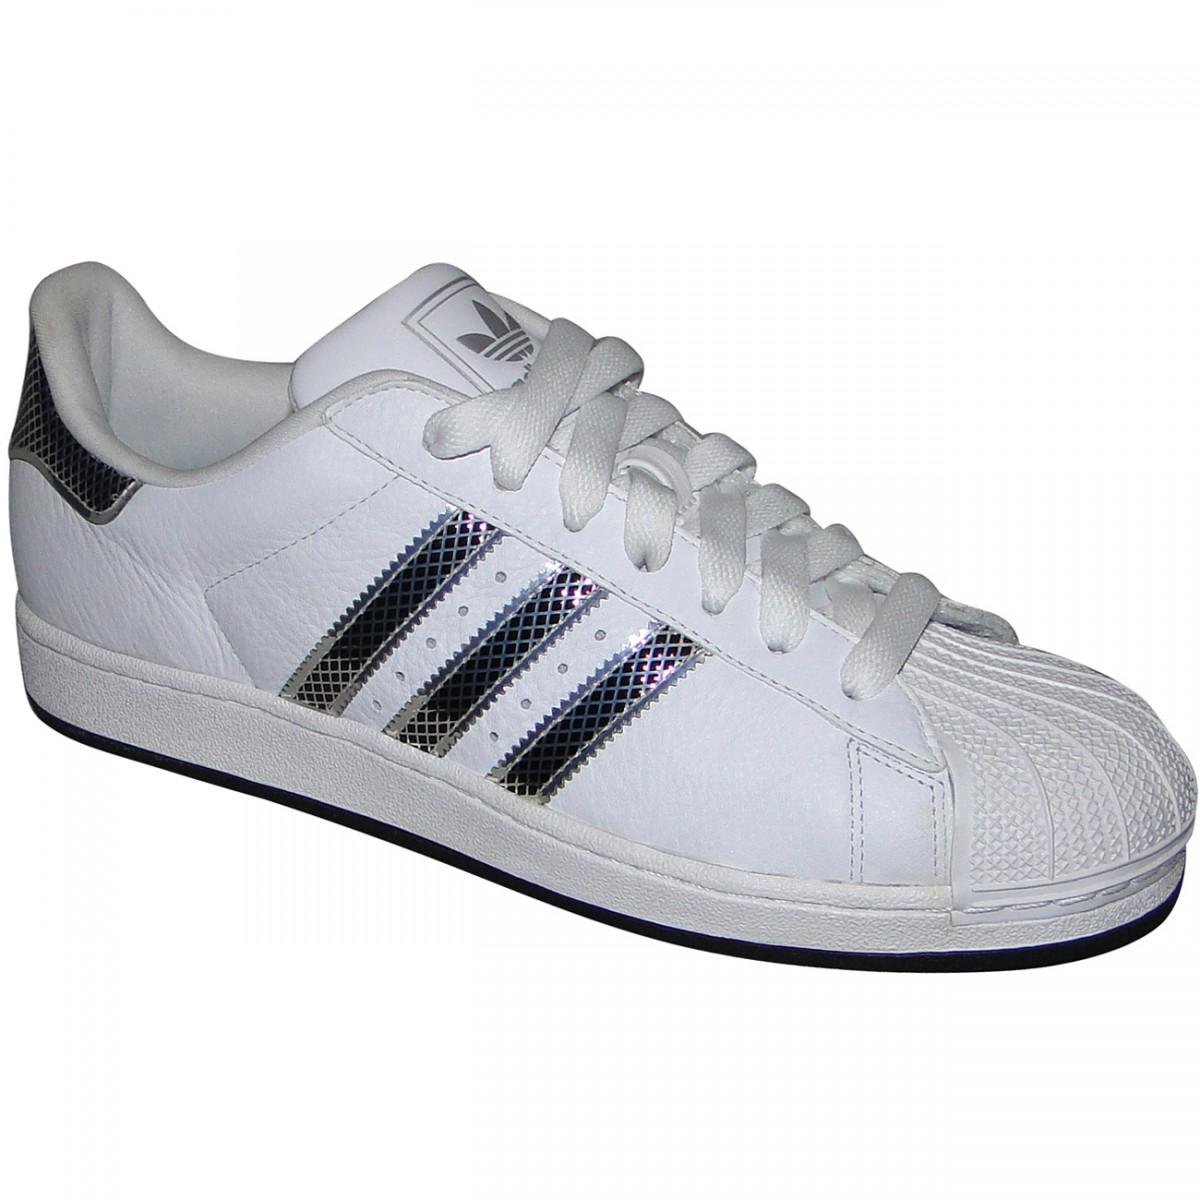 Tênis Adidas Star Ii Bling 9348 - BRANCO PRETO METALICO - Chuteira Nike b3db67d0a0090